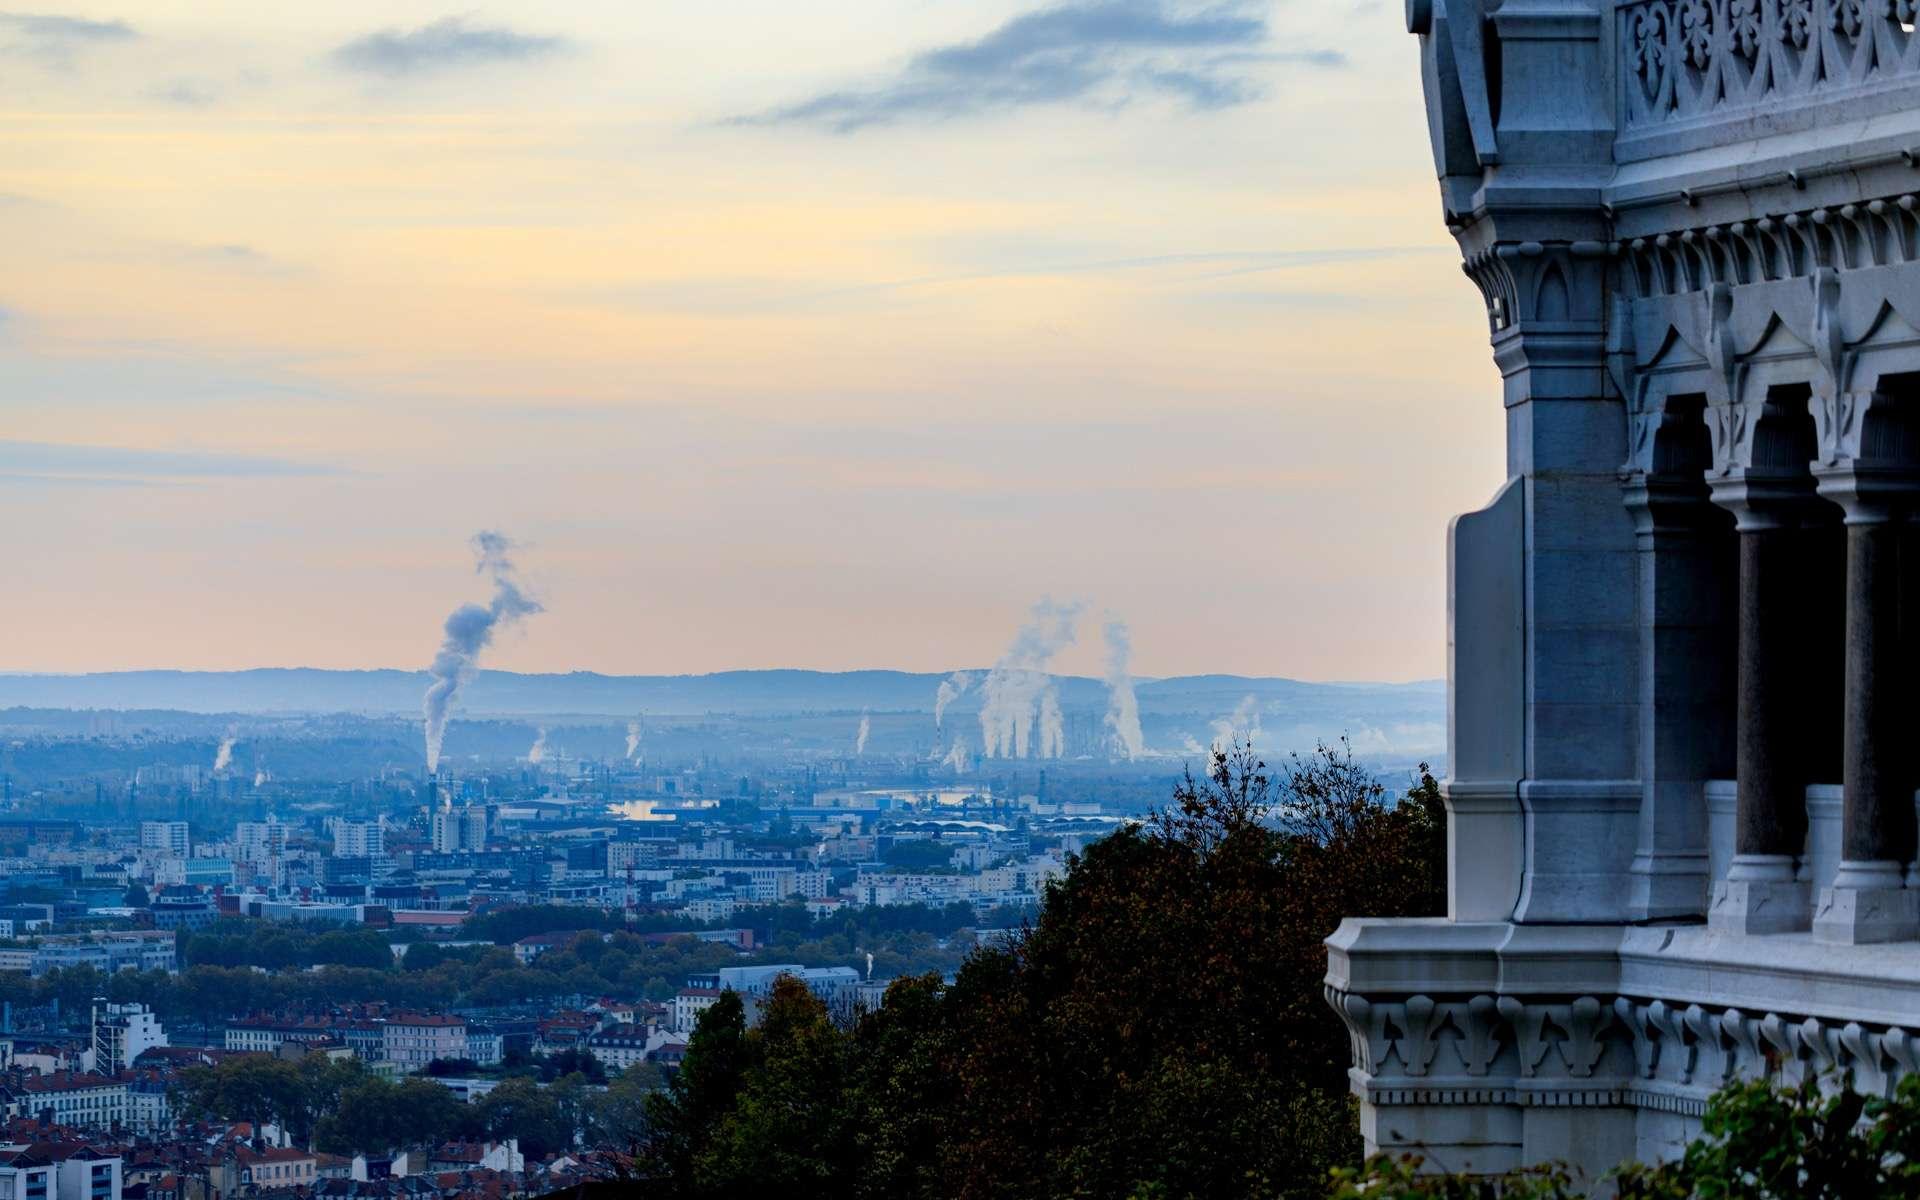 Les objectifs en matière d'émissions de gaz à effet de serre doivent faire l'objet de discussions plus rigoureuses. © markus becker, EyeEm ; Adobe Stock